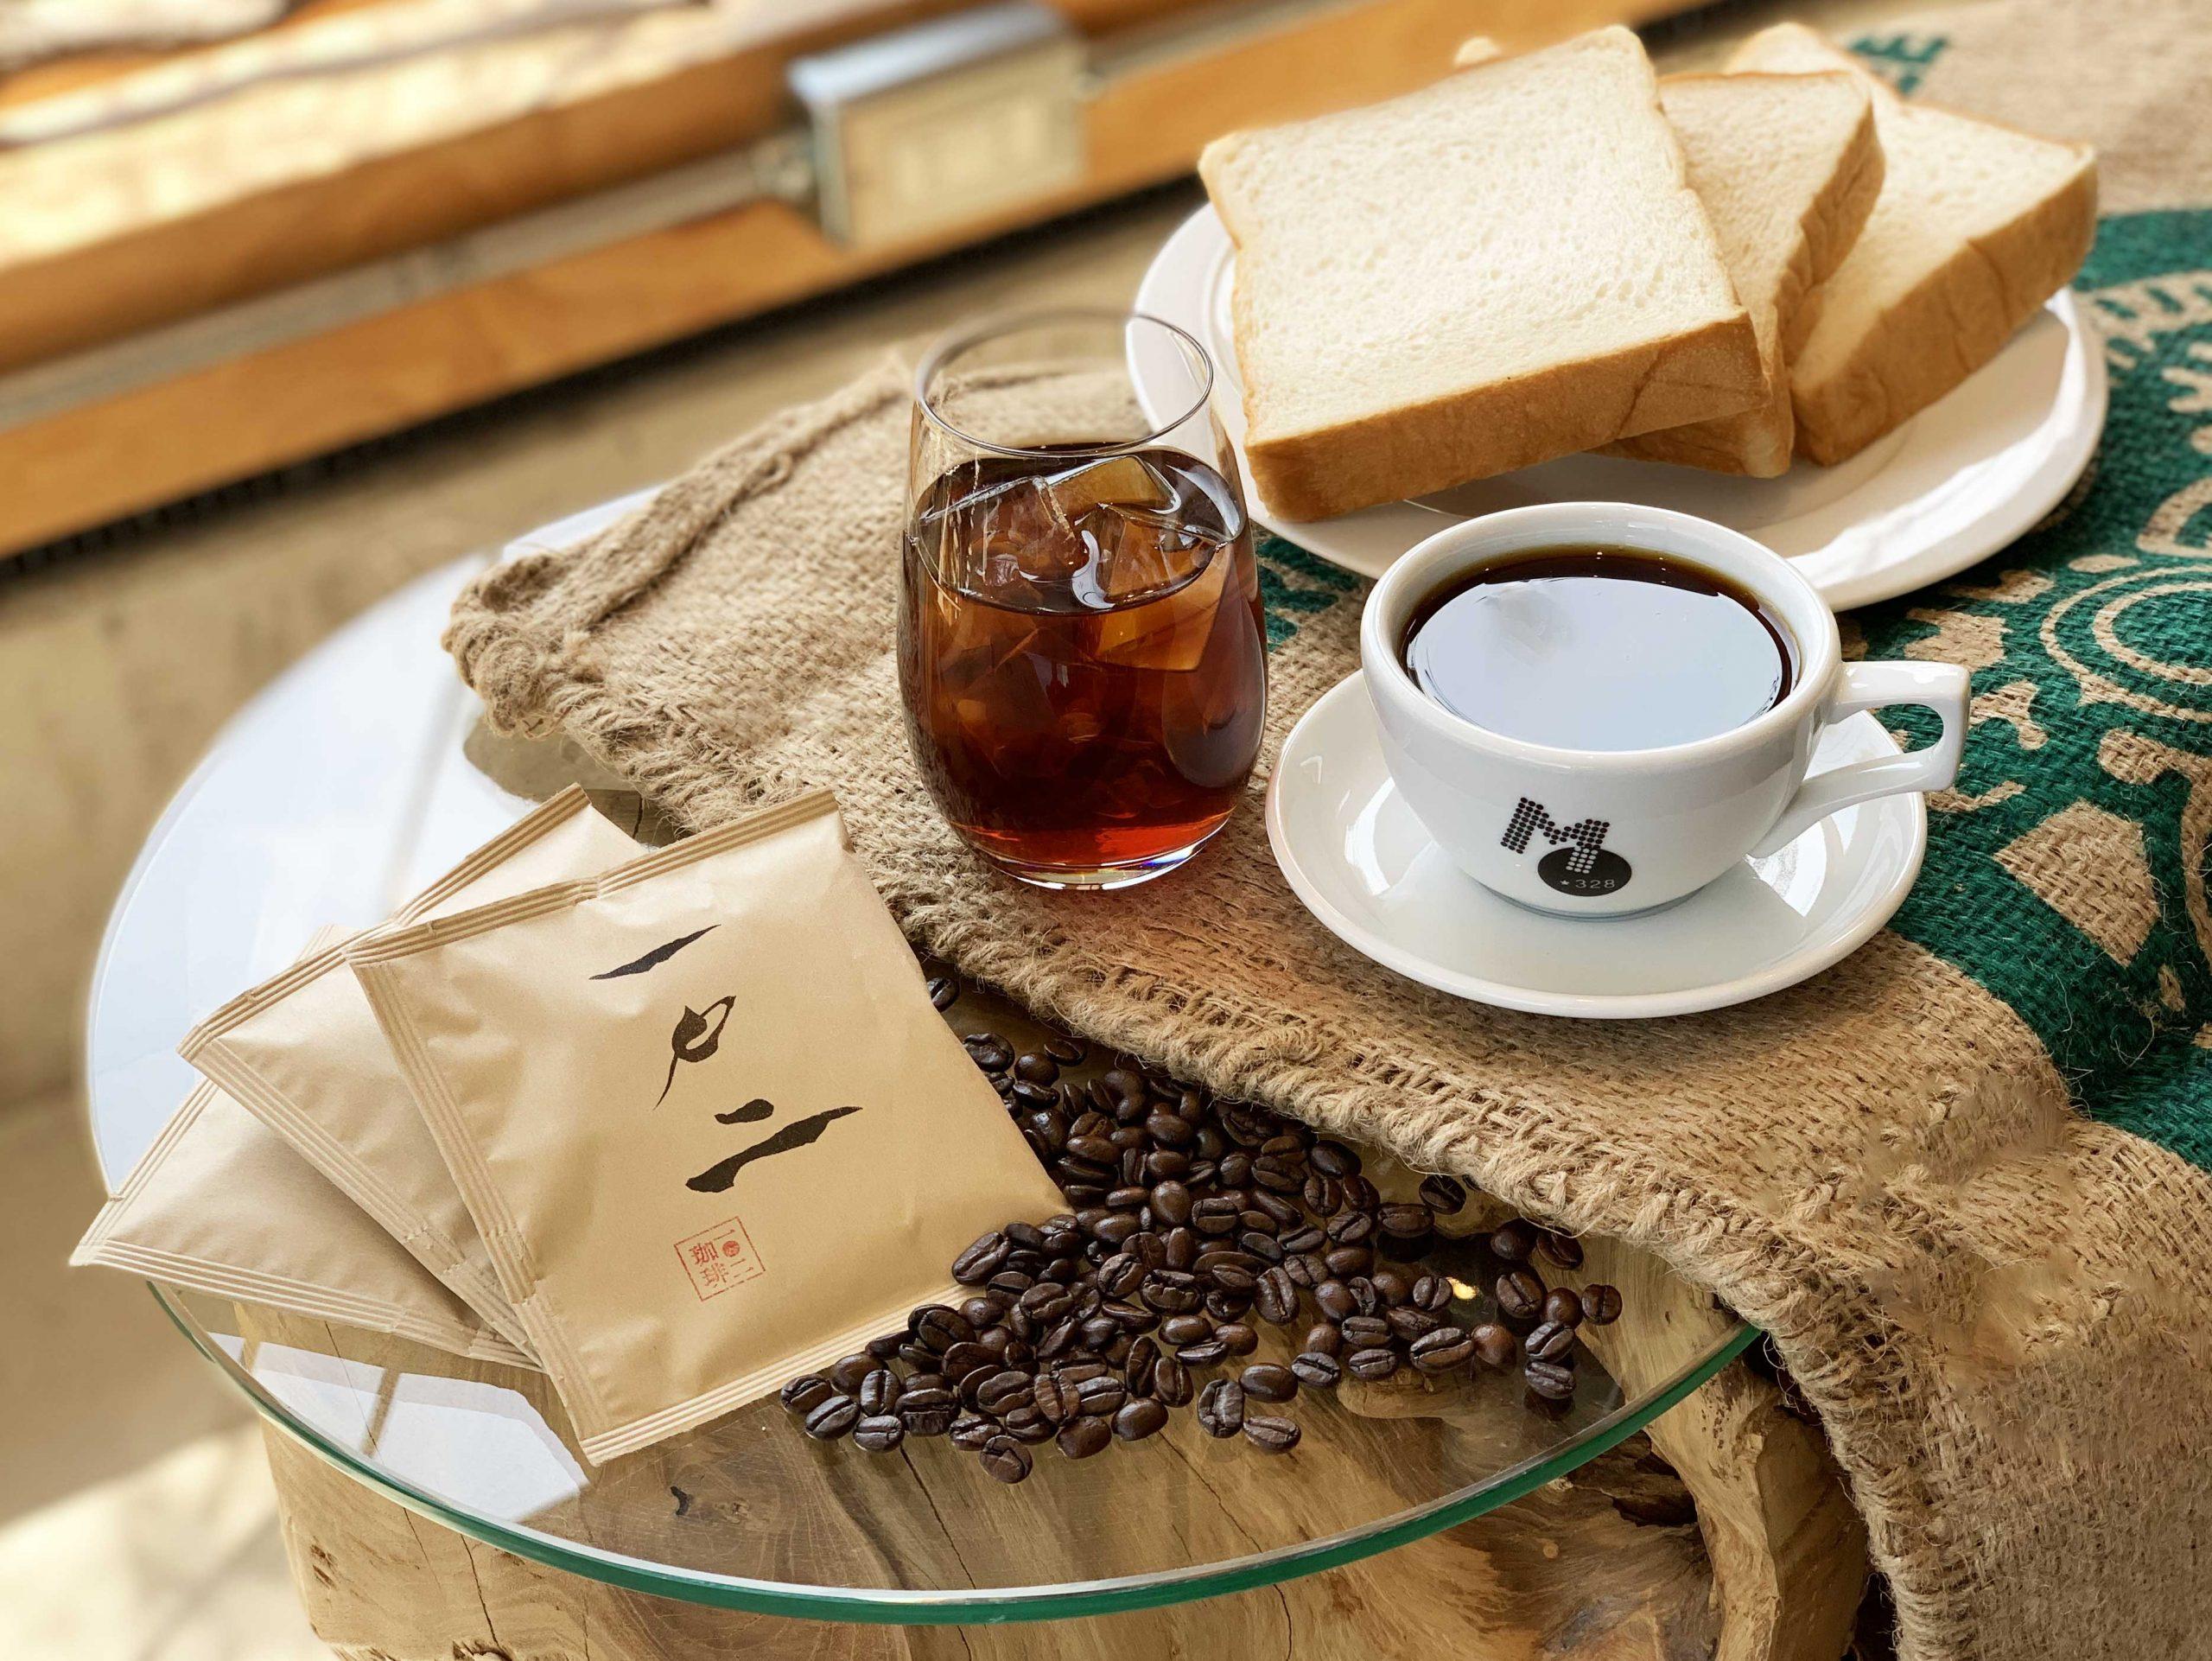 生食パンのためのコーヒー 乃が美のブレンド「一〇二珈琲」